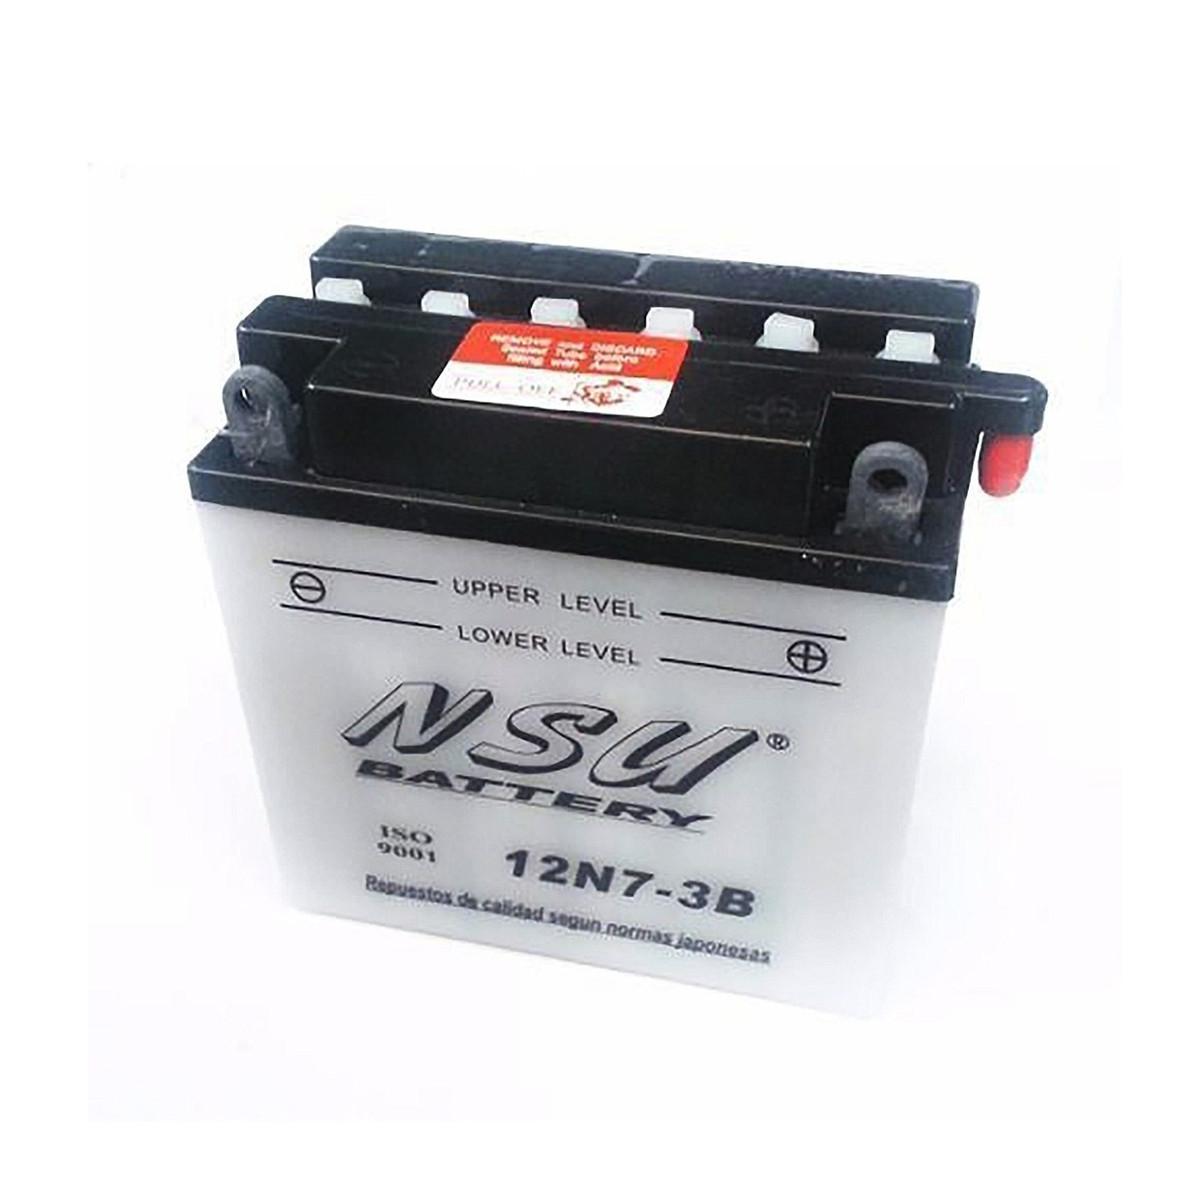 Bateria Nsu 12n7 3b